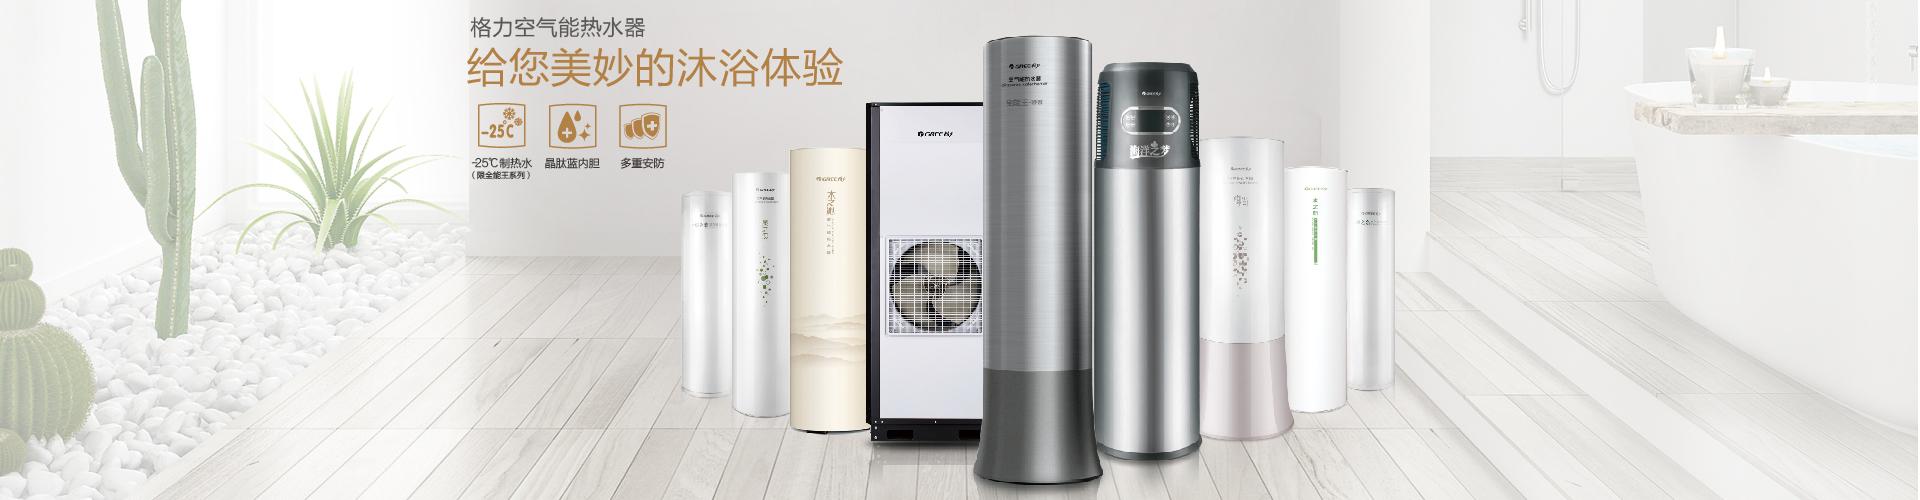 云南格力空气能热水器